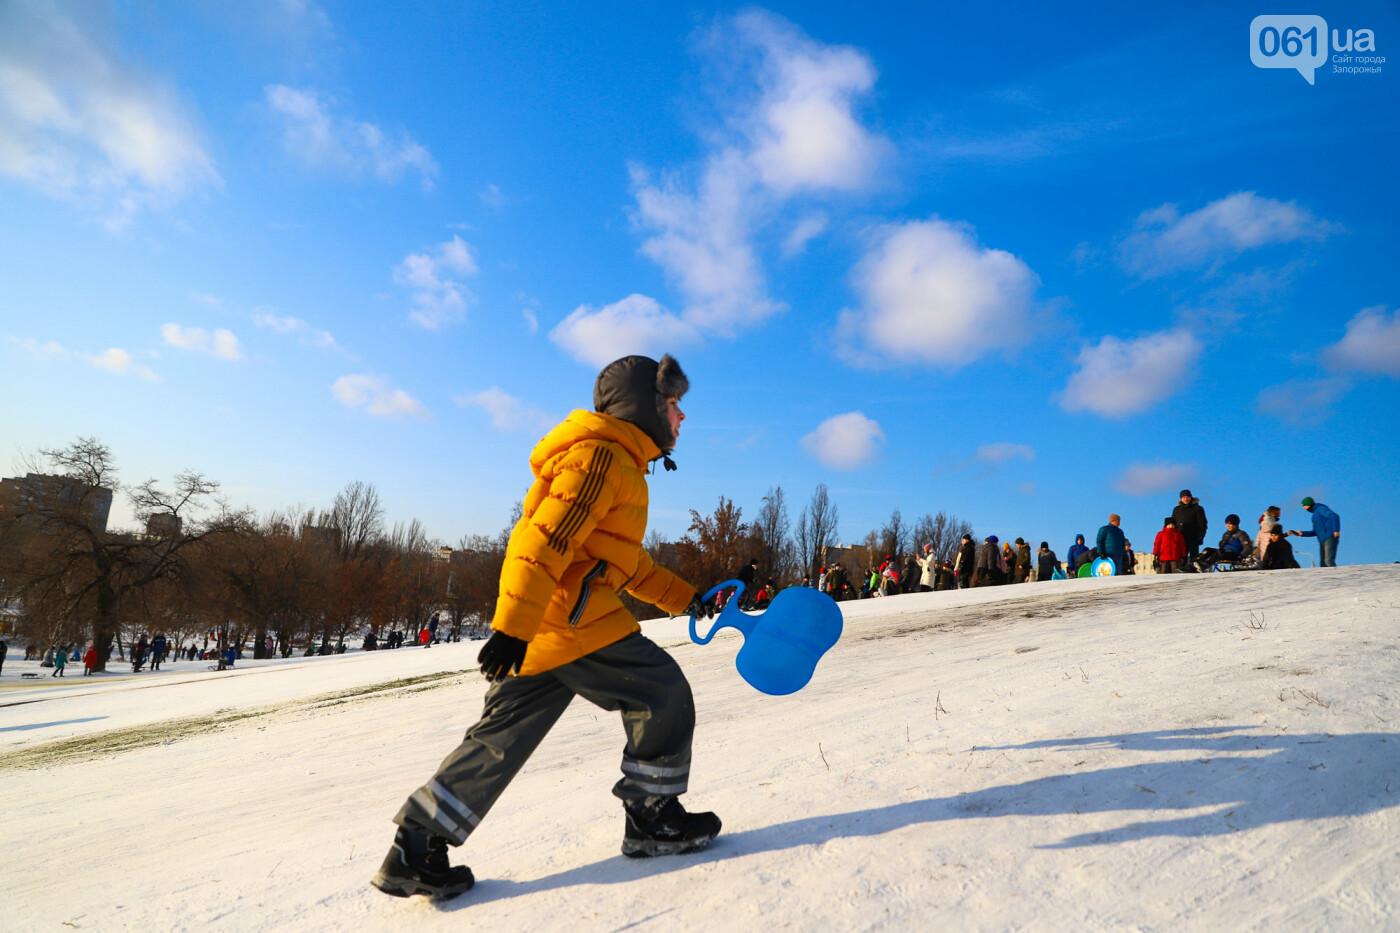 На санках, лыжах и сноуборде: запорожцы устроили массовое катание с горок в Вознесеновском парке, - ФОТОРЕПОРТАЖ, фото-14